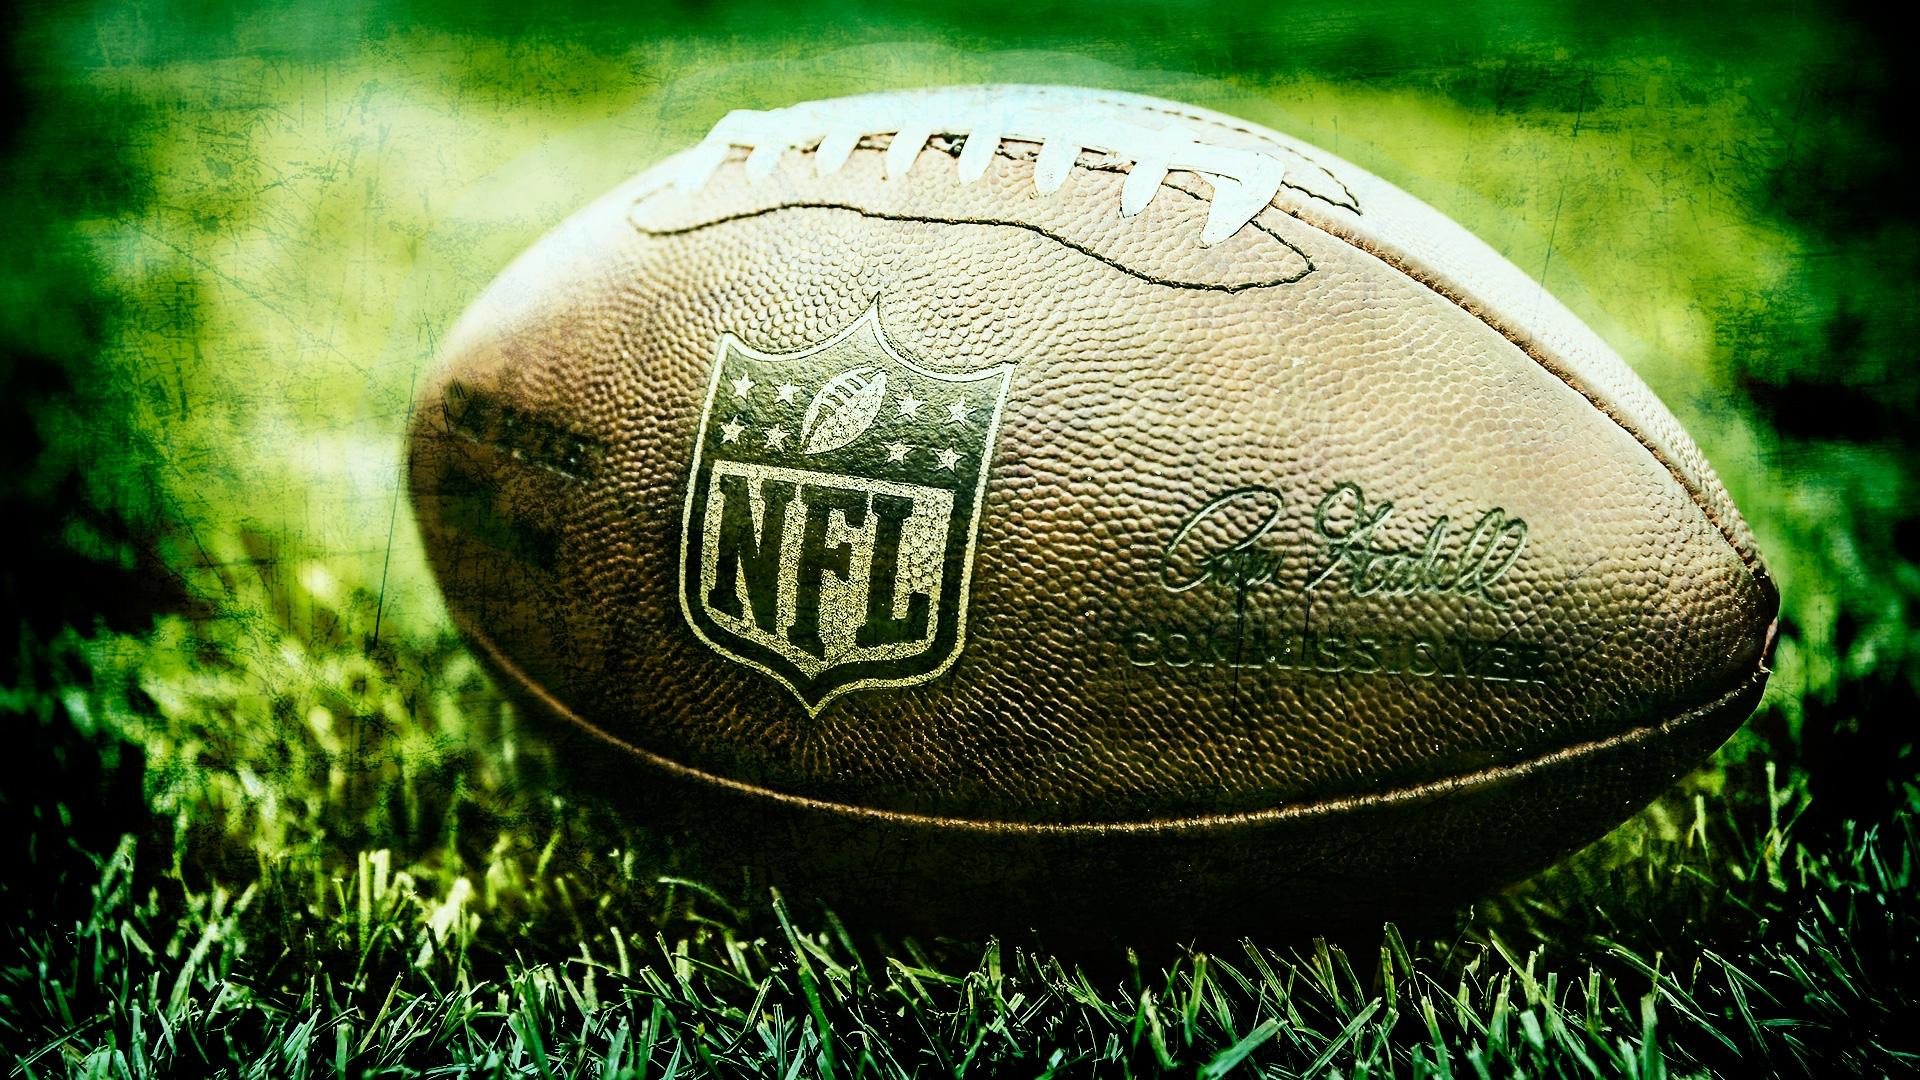 nfl-football-081415-getty-ftr_1g4m7xxkfh2bn18leyezsbw1b3